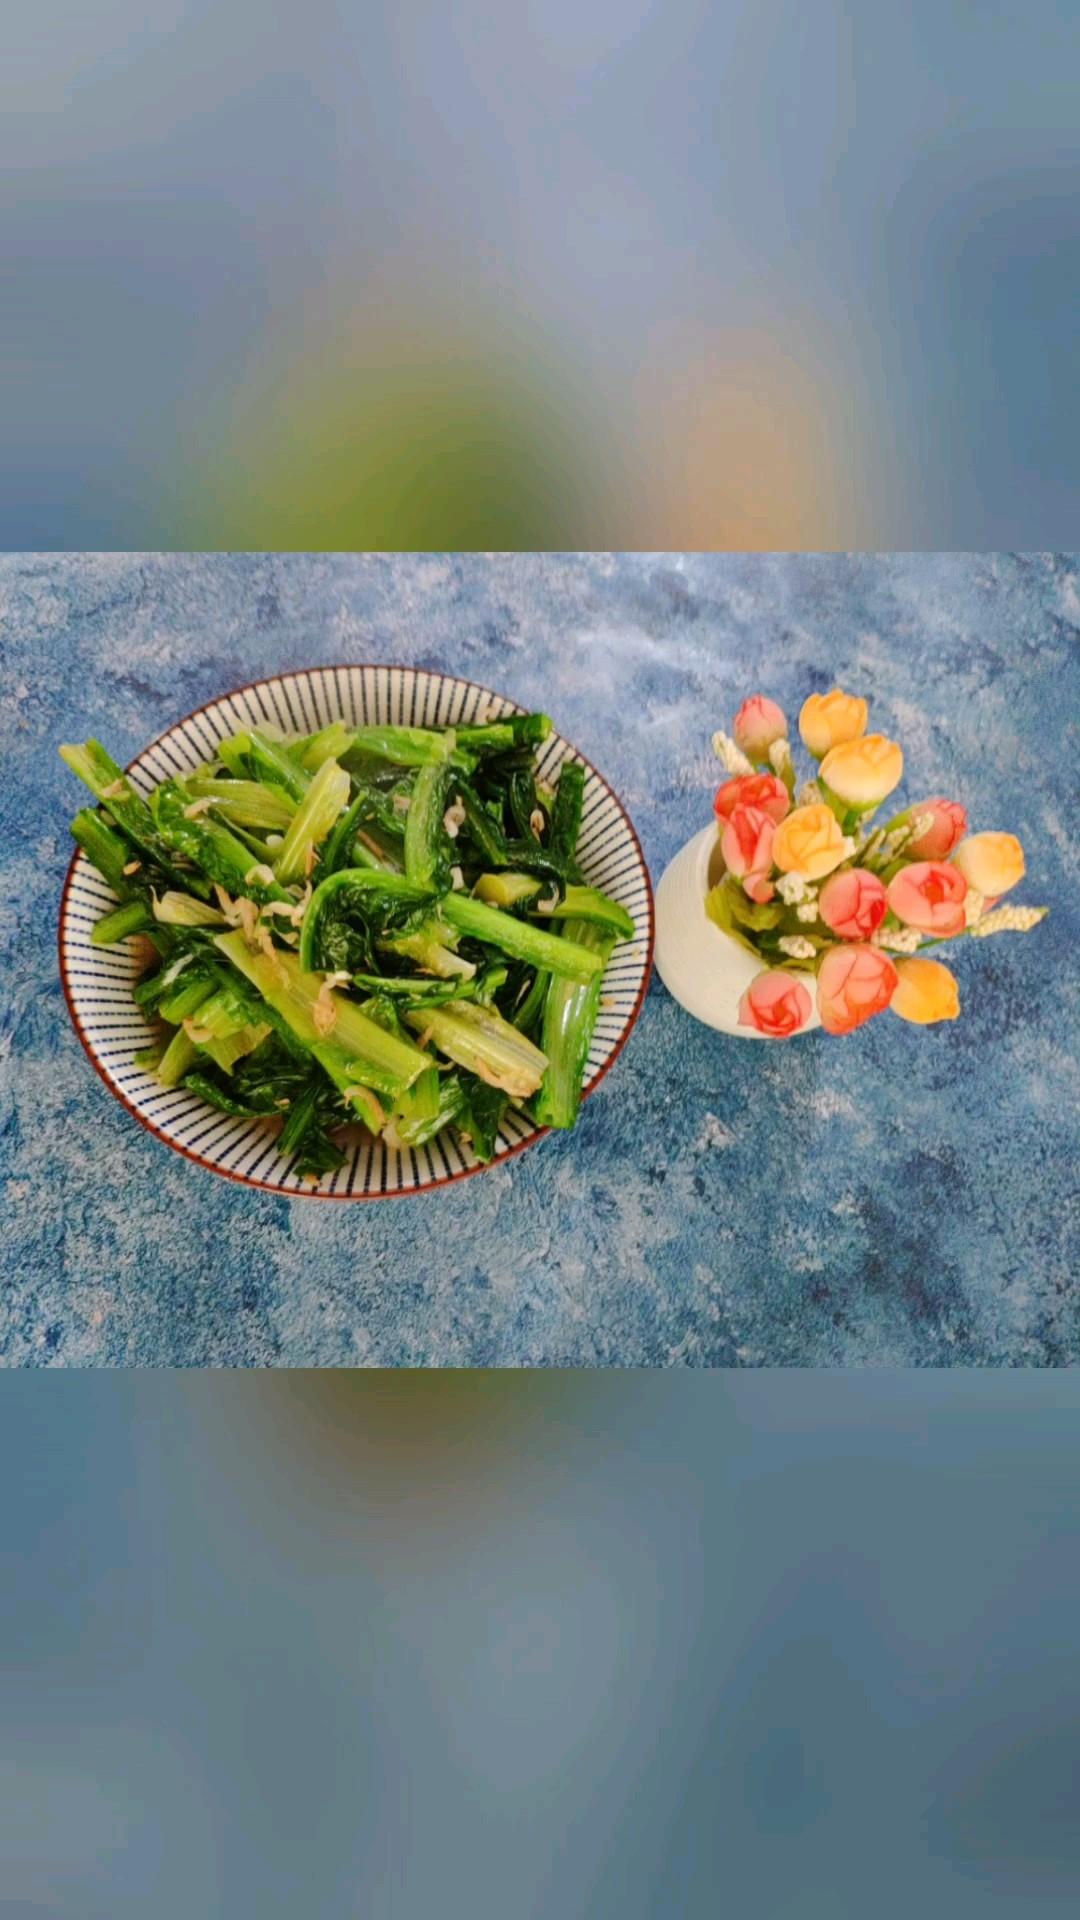 虾皮炒油麦菜的做法